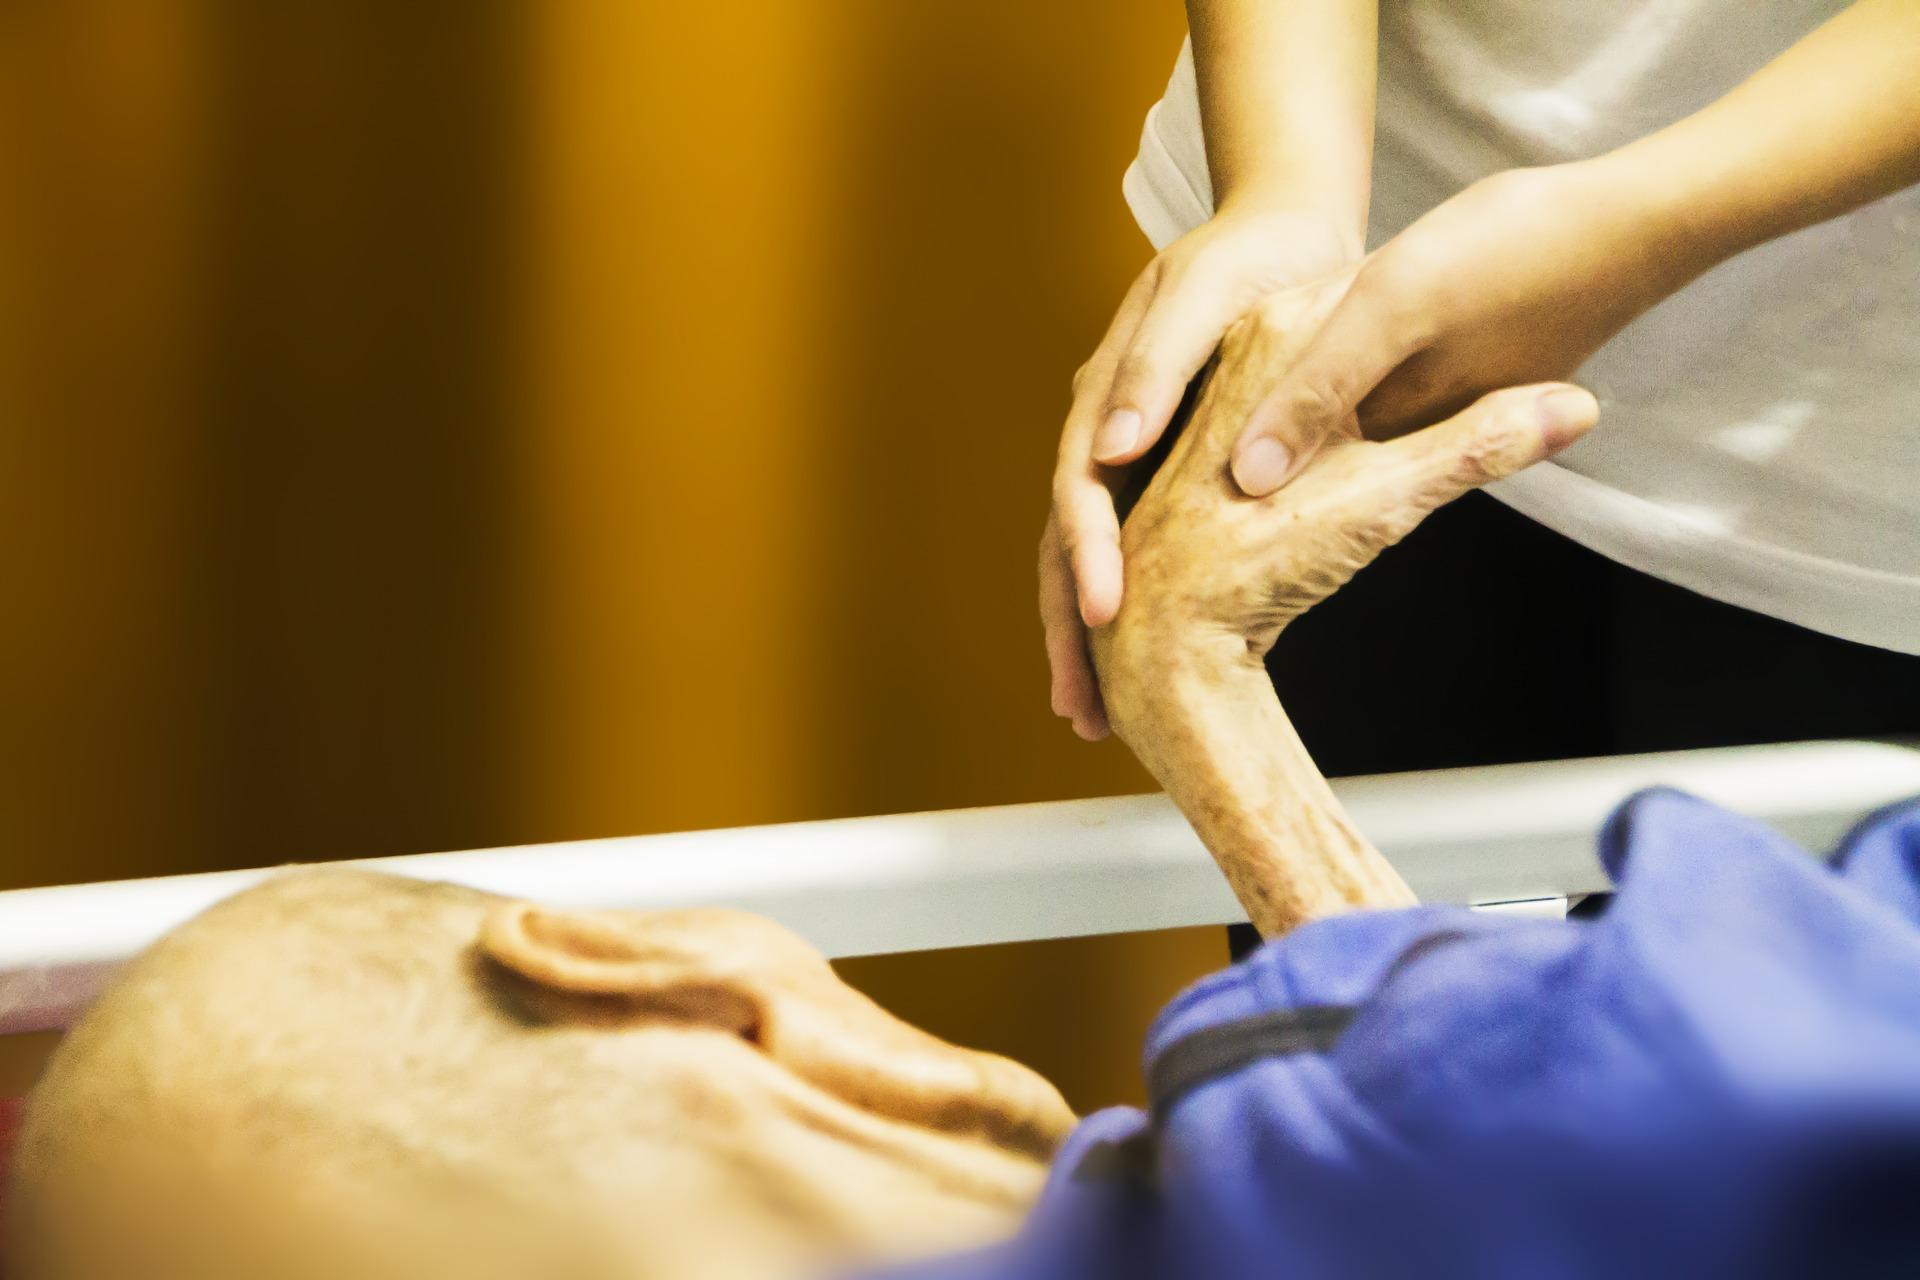 El Congrés fa el primer pas per despenalitzar l'eutanàsia